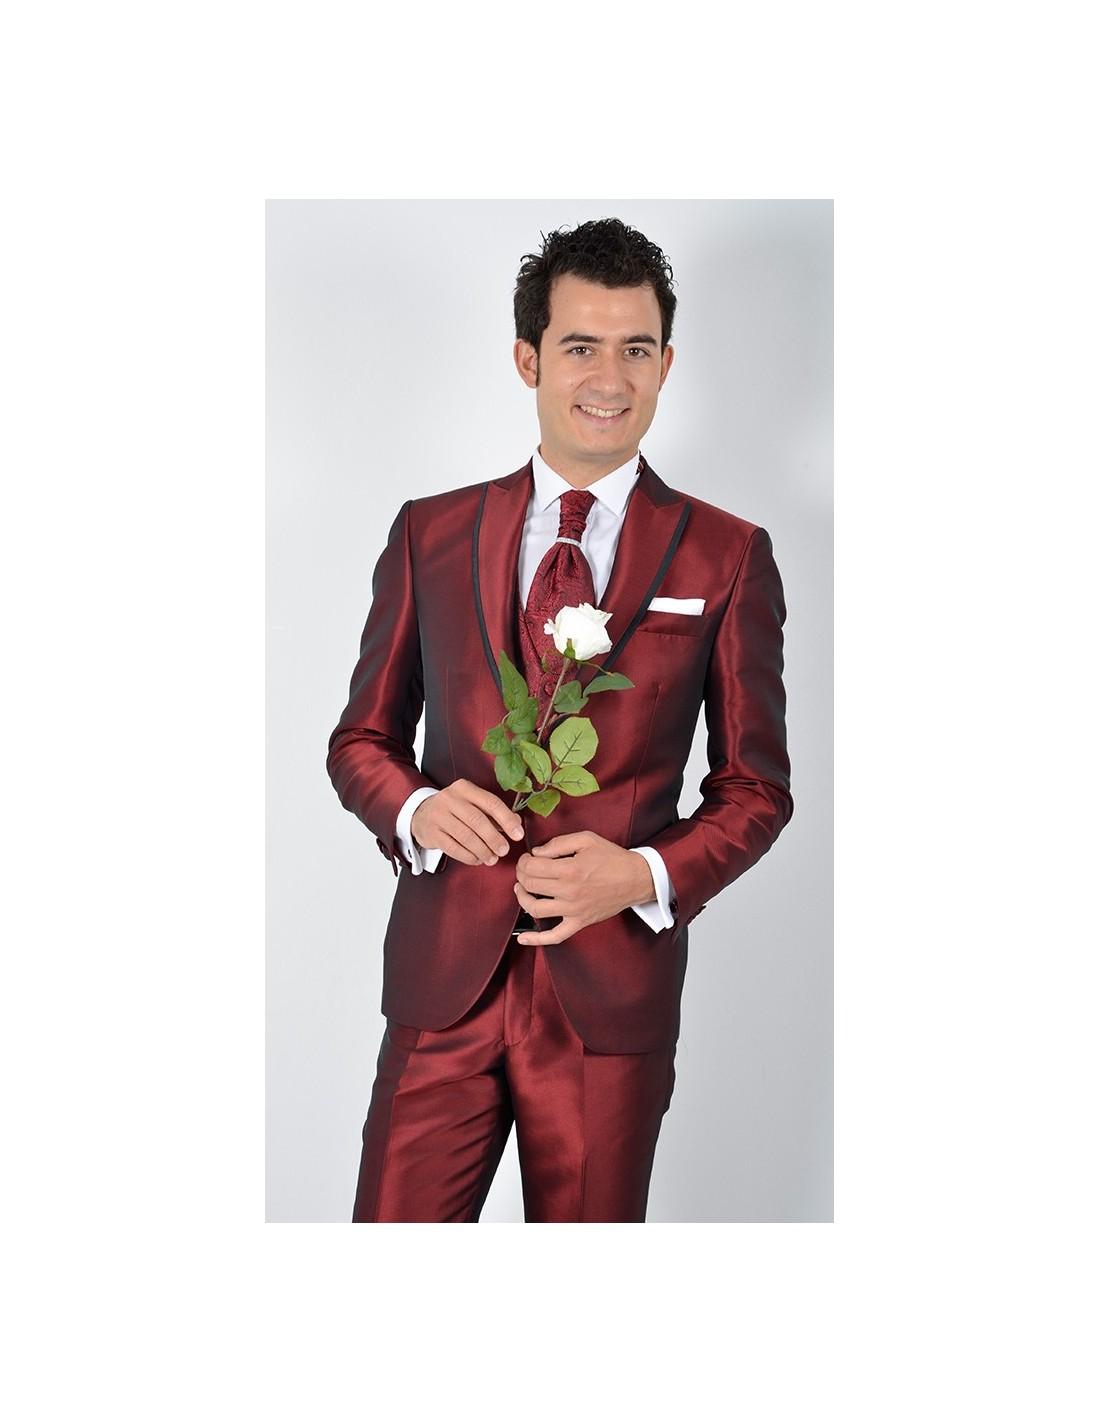 Abito Matrimonio Uomo Rosso : Abito sposo rosso lucido uomo gente moda